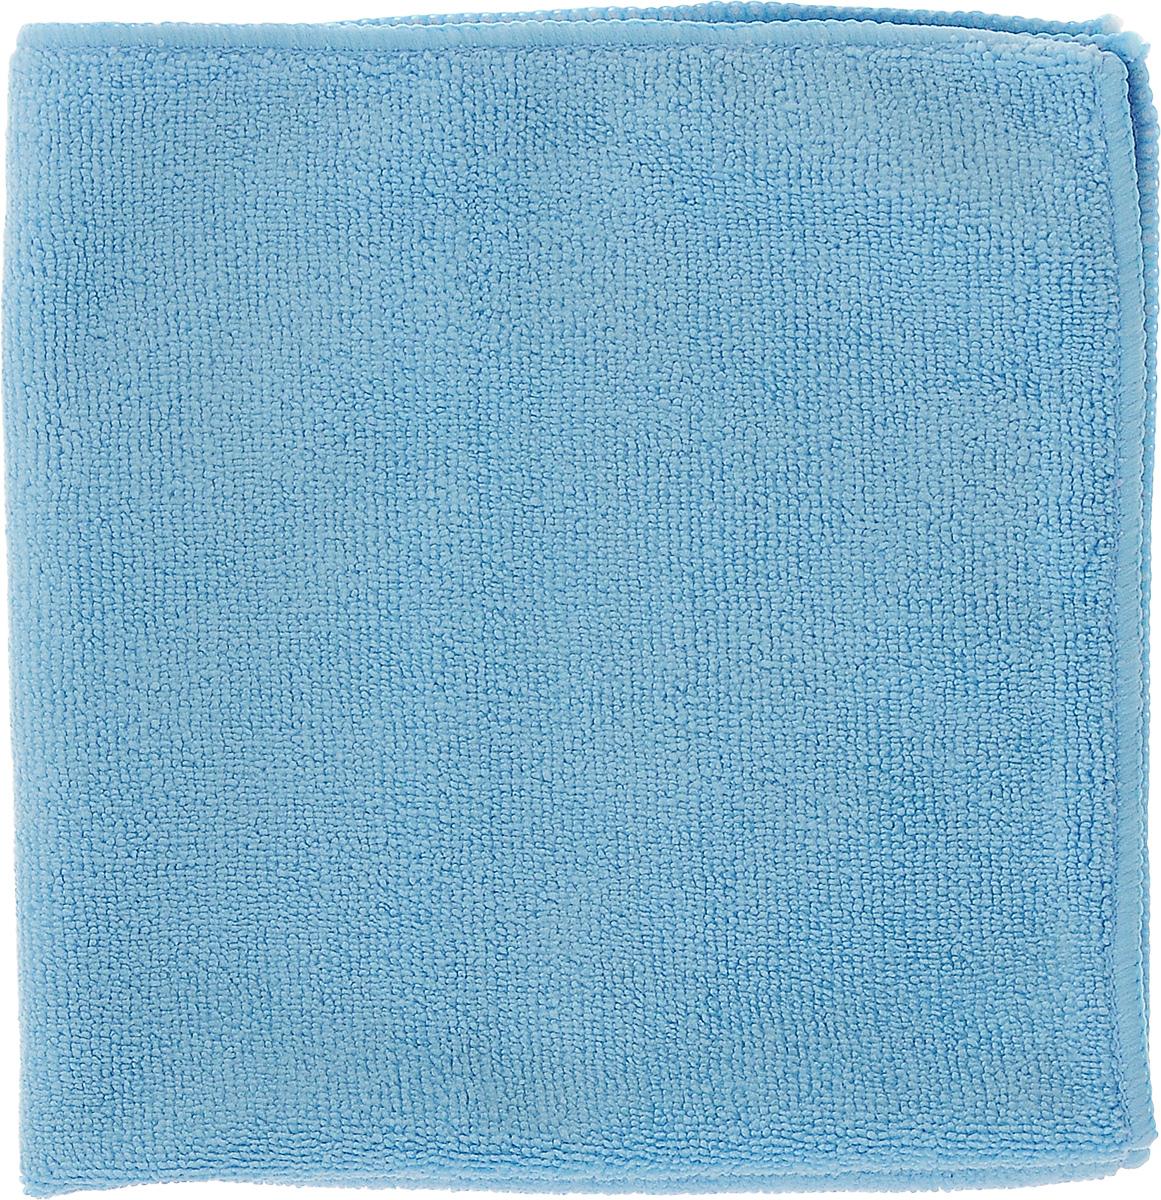 Салфетка для ванной комнаты Unicum Premium, цвет: голубой, 40 х 40 см303224_голубойСалфетка Unicum Premium изготовлена по самым современным технологиям. Уникальные чистящие свойства салфетки - абсорбировать жир, грязь, пыль, никотин - обеспечивают специальные клиновидные микроволокна, которые в 100 раз меньше человеческого волоса. Салфетка обладает непревзойденной способностью быстро впитывать большой объем жидкости (в восемь раз больше собственной массы). Допускается ручная и машинная стирка при 60°С. Состав: вискоза 80%, полиэстер 20%.